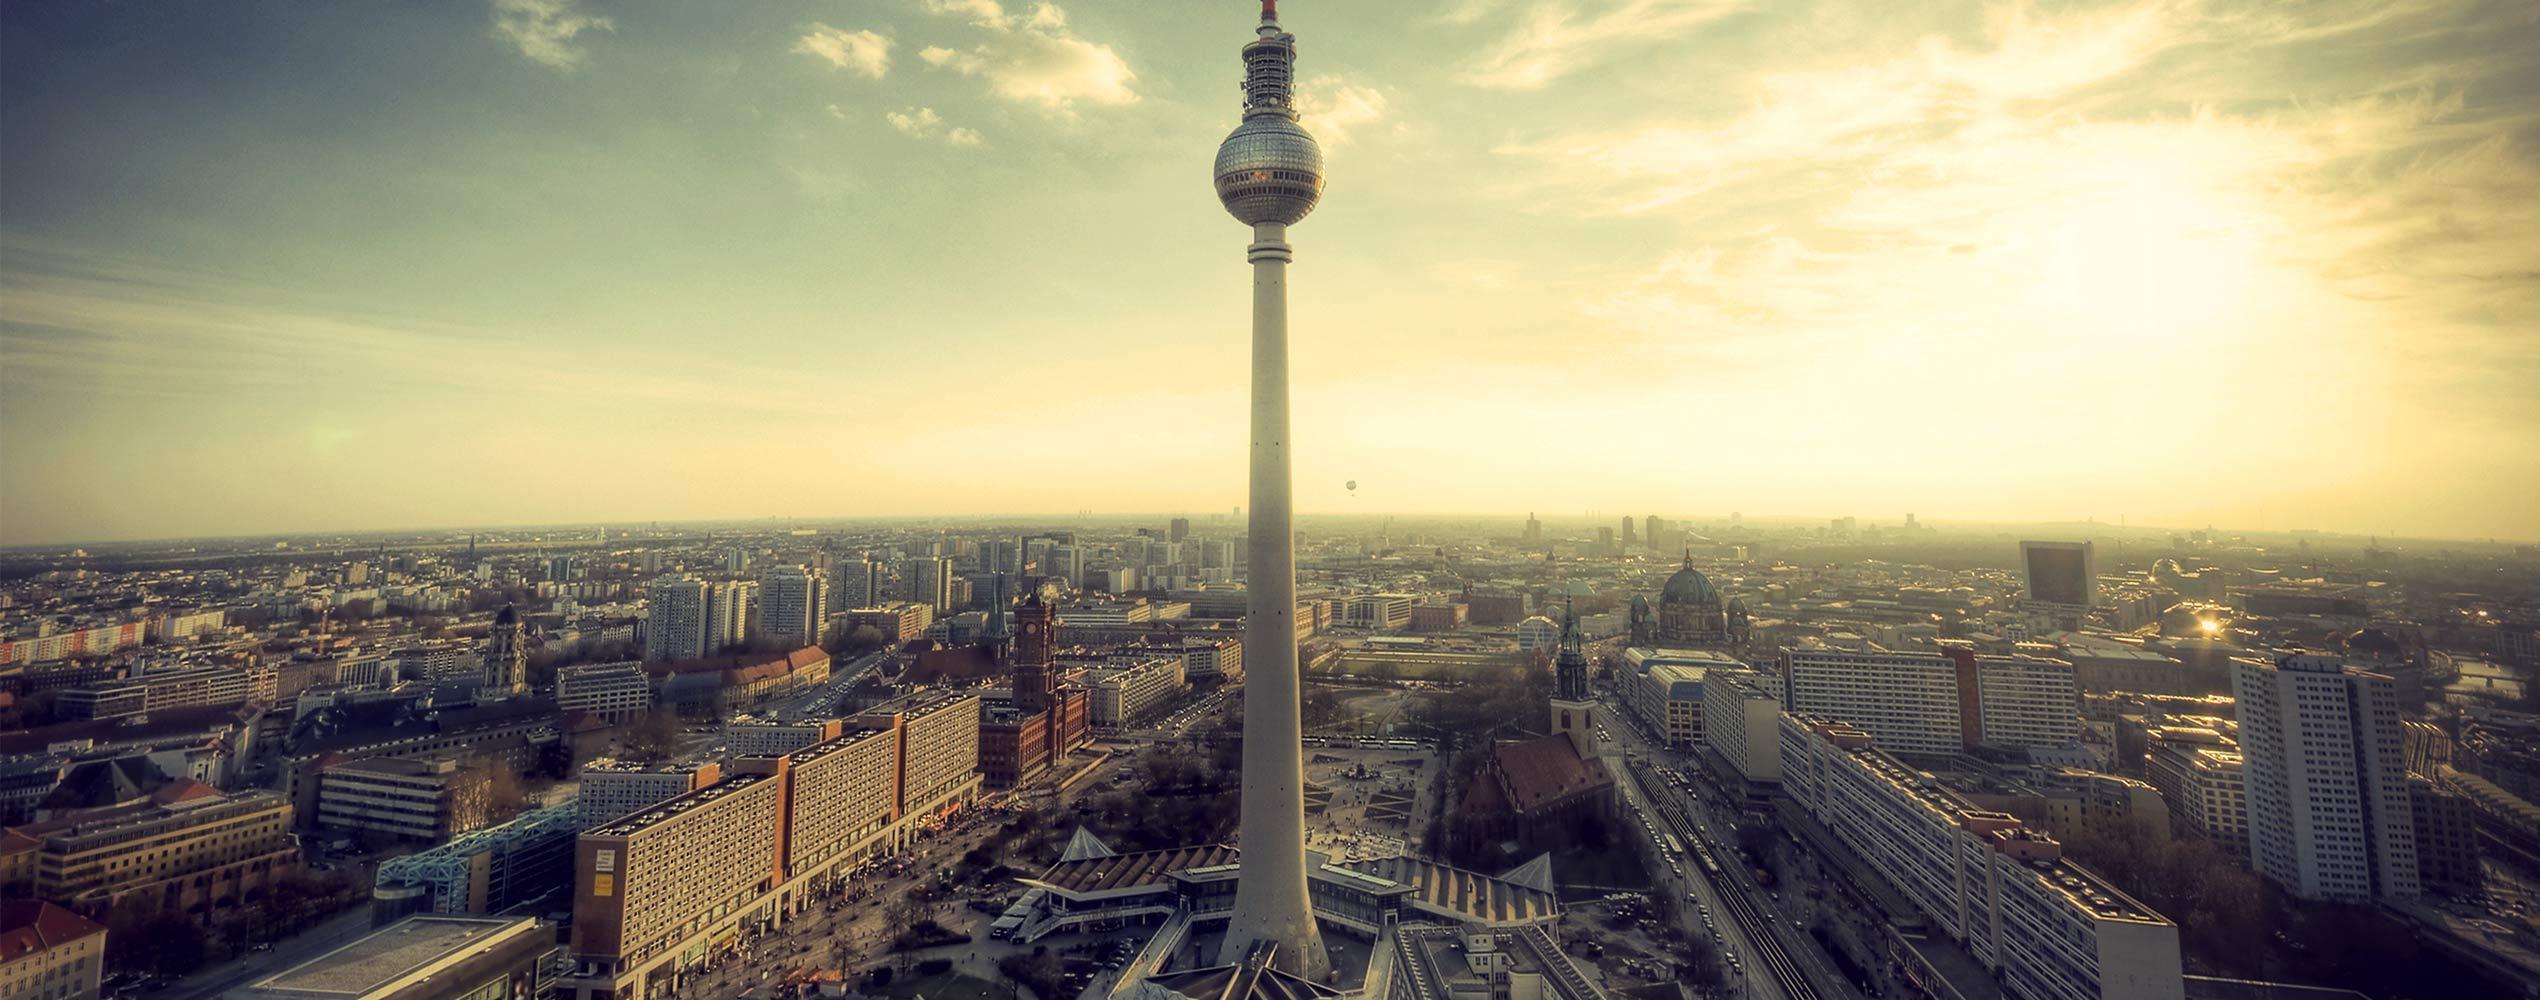 Skyline Berlin shutterstock